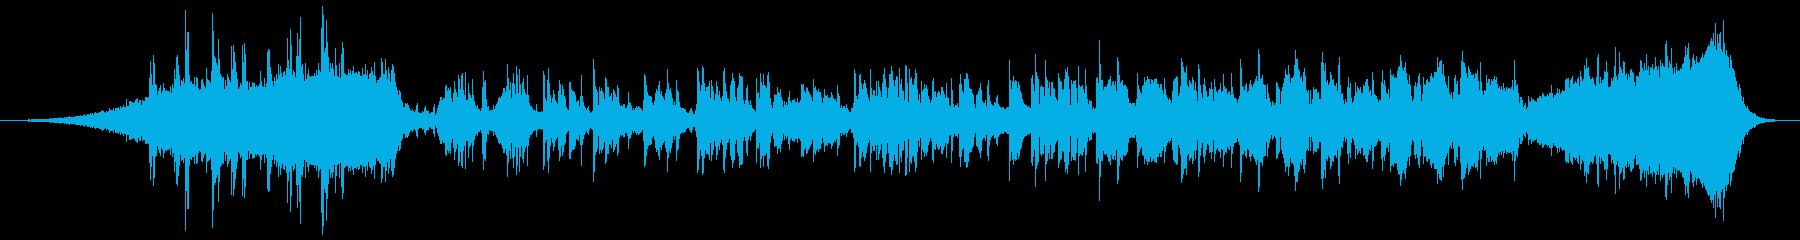 Epilogue: Innisfreeの再生済みの波形